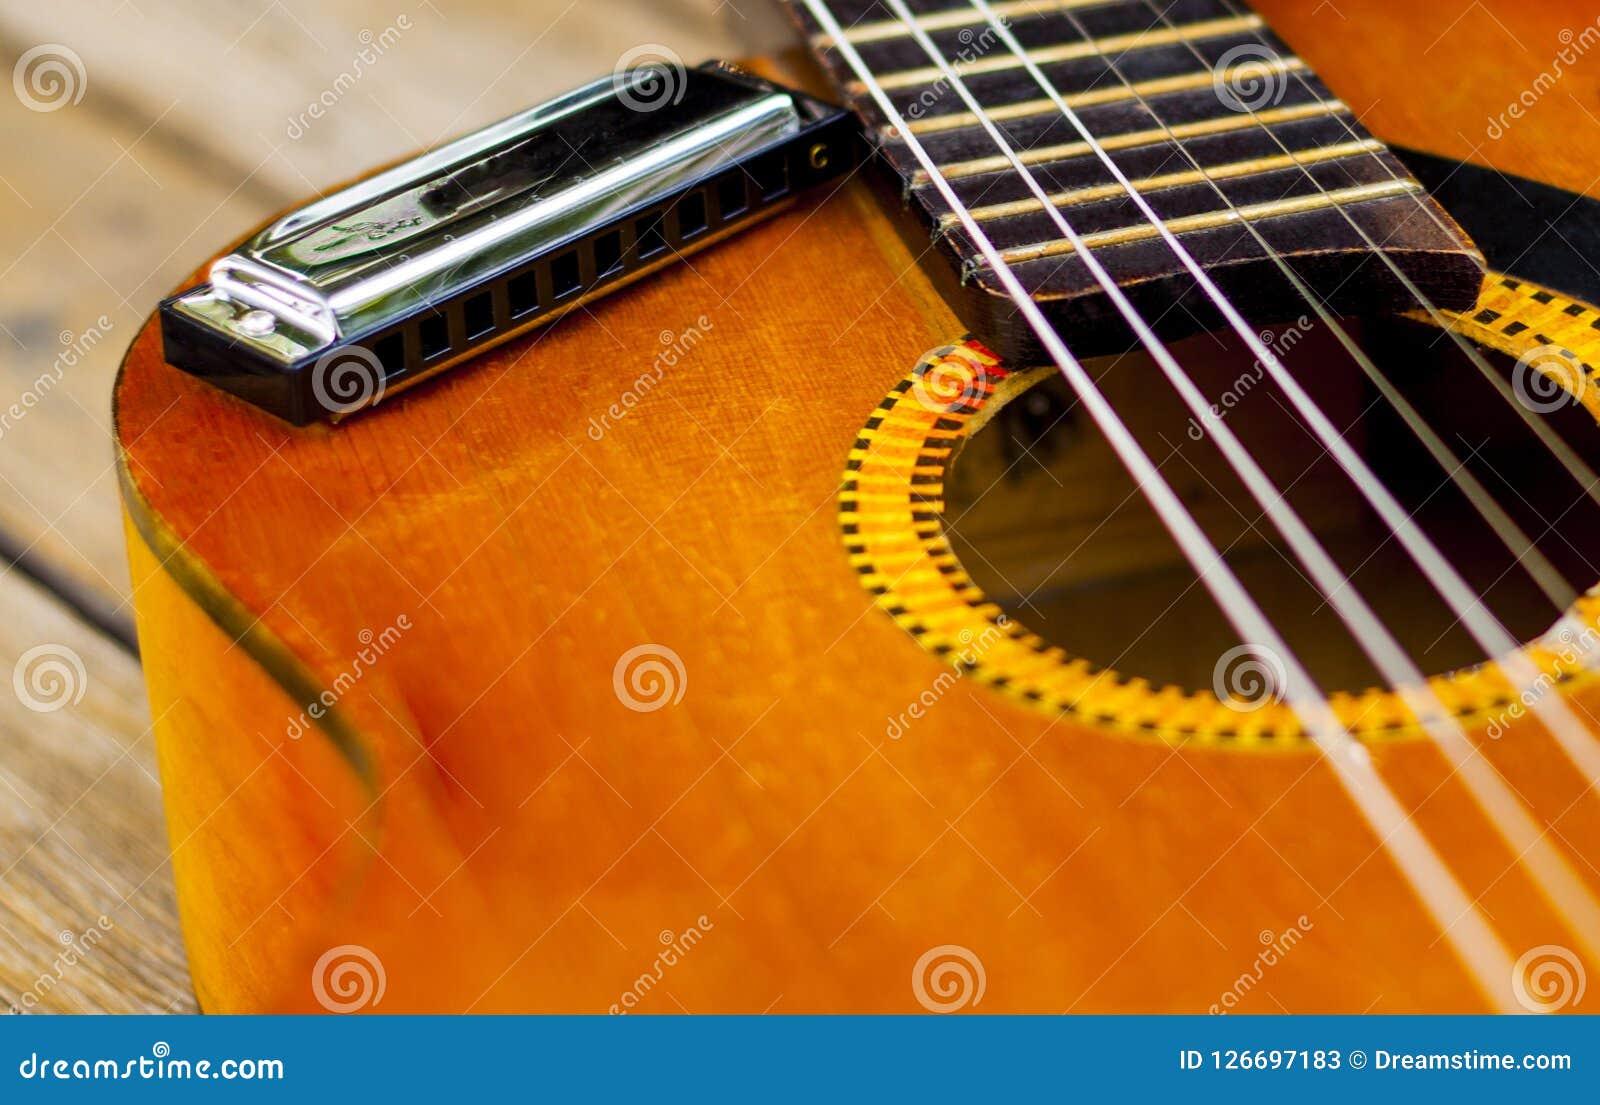 Губная гармоника на классической гитаре